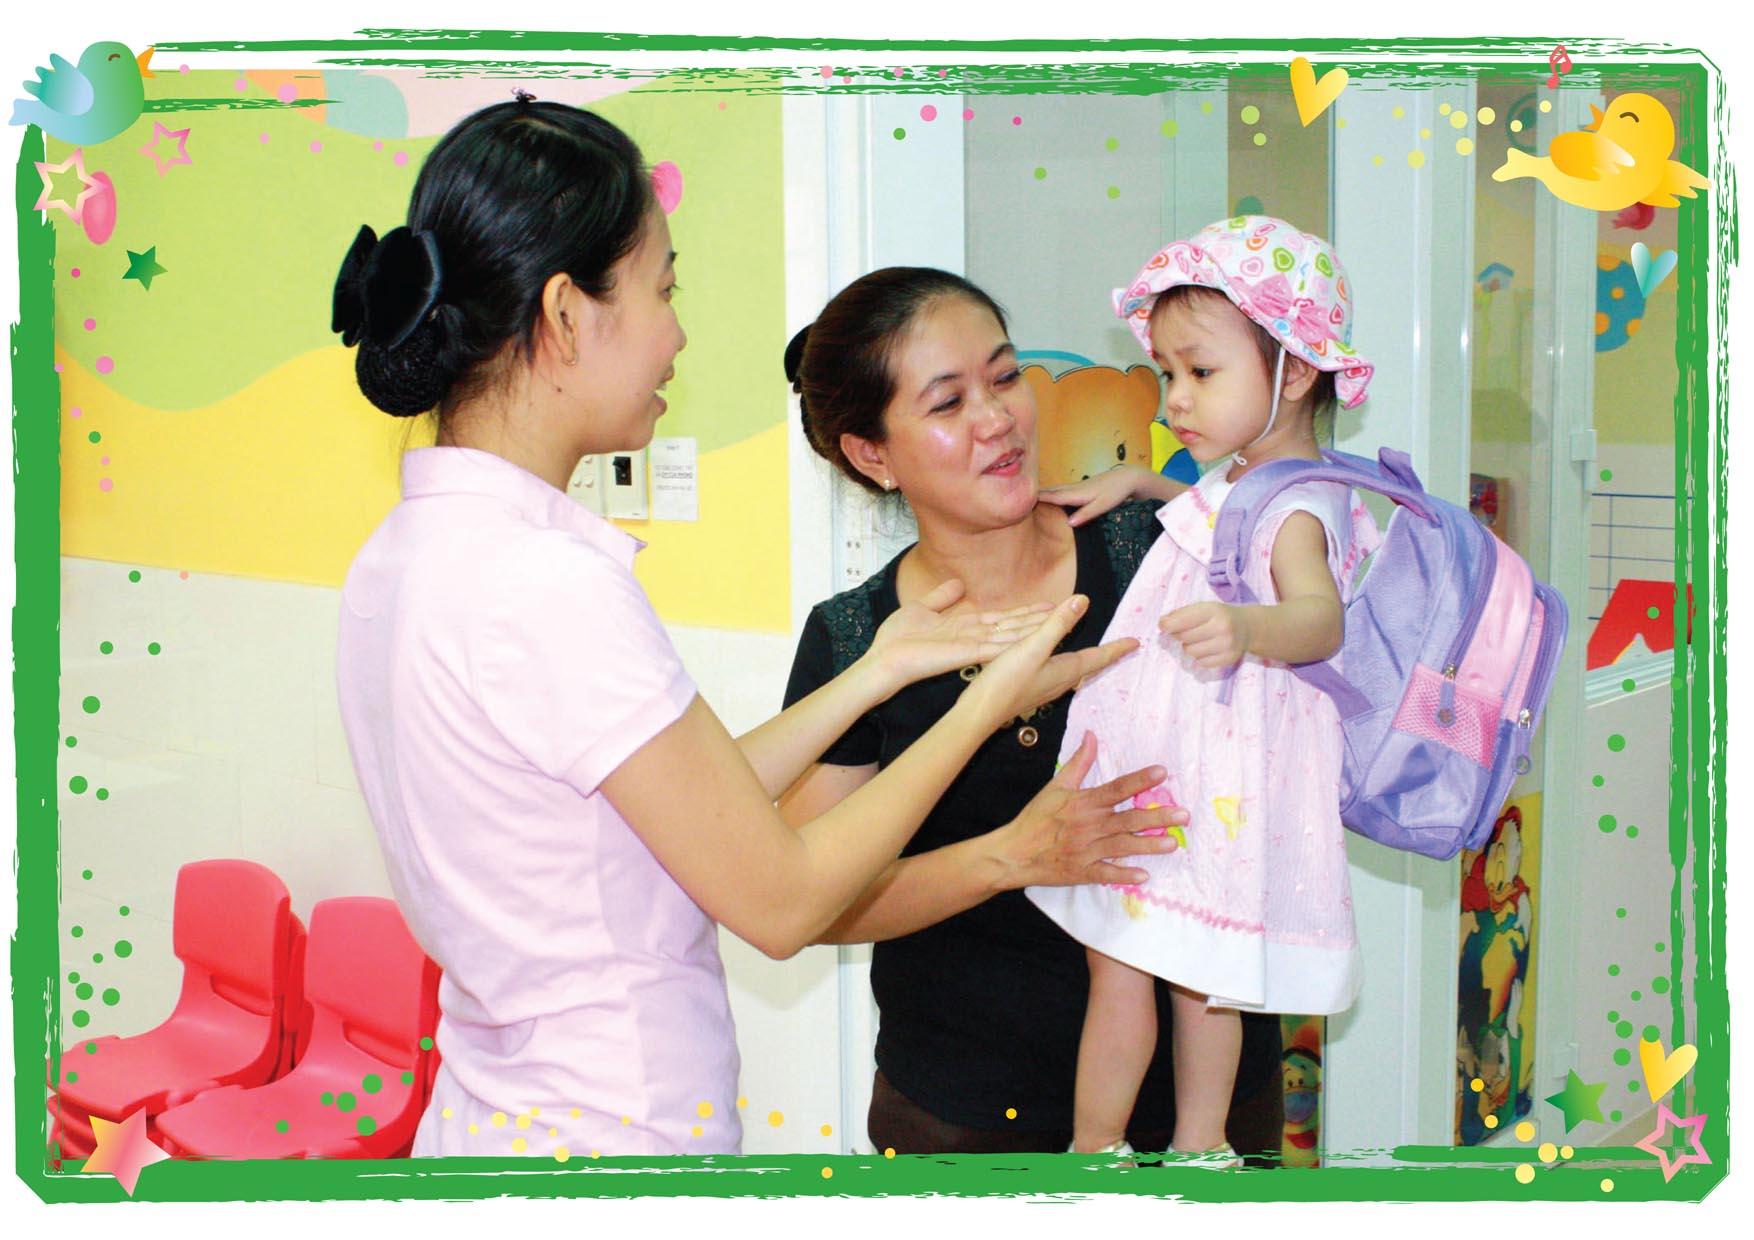 4 bí quyết giúp các cô giáo tránh mắc sai lầm trong nghề nghiệp sư phạm mầm non